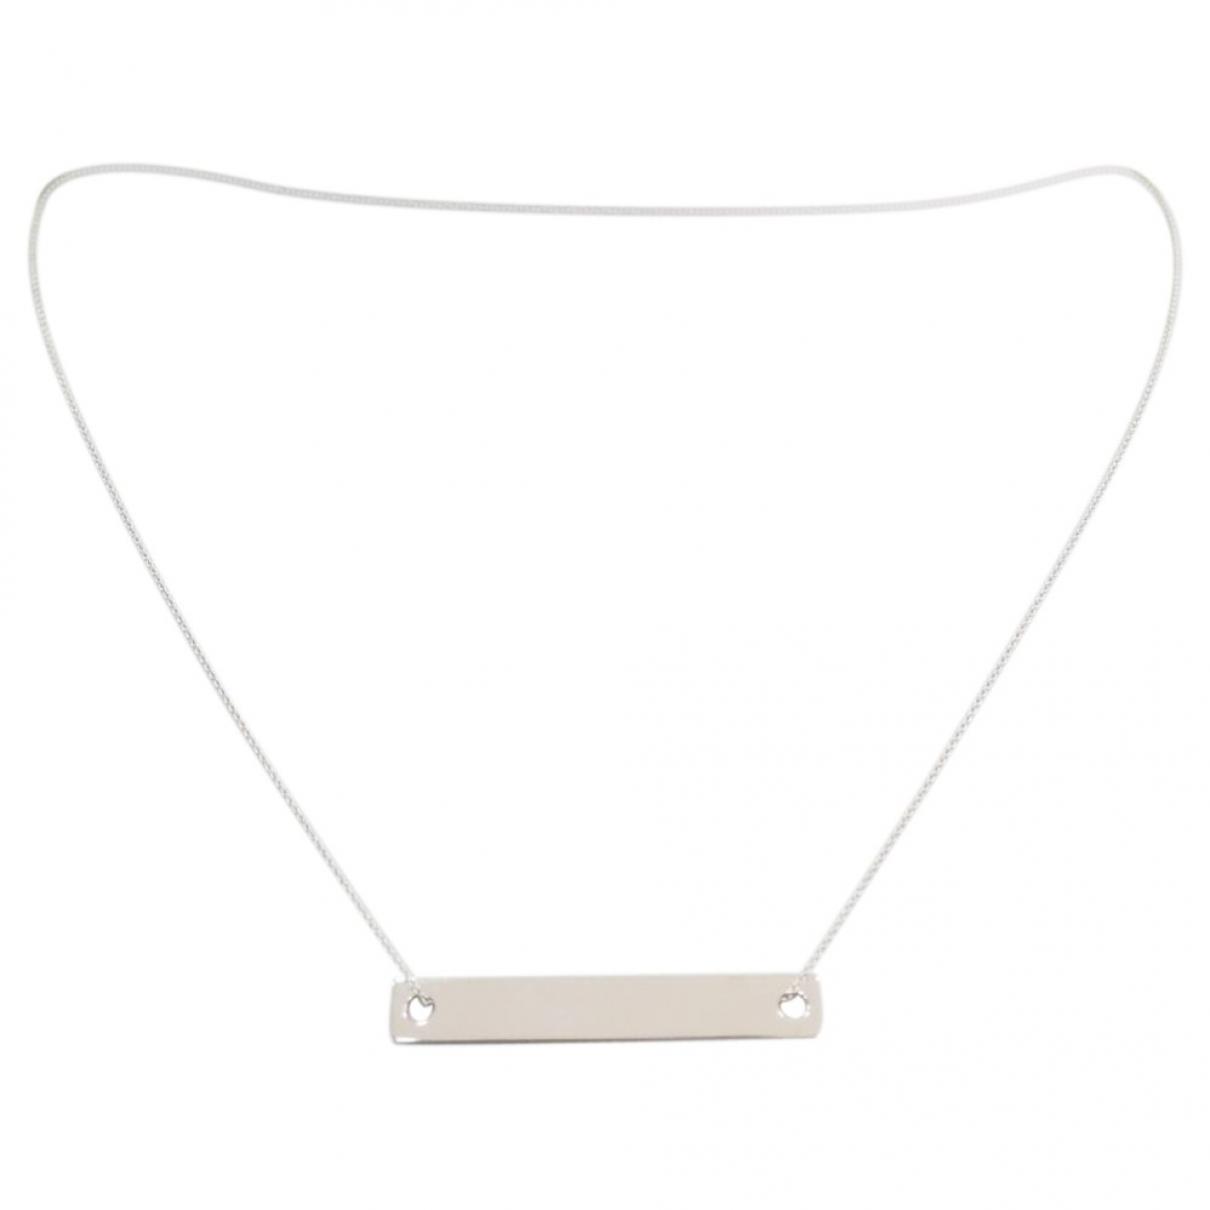 Collar de Oro blanco Ginette Ny